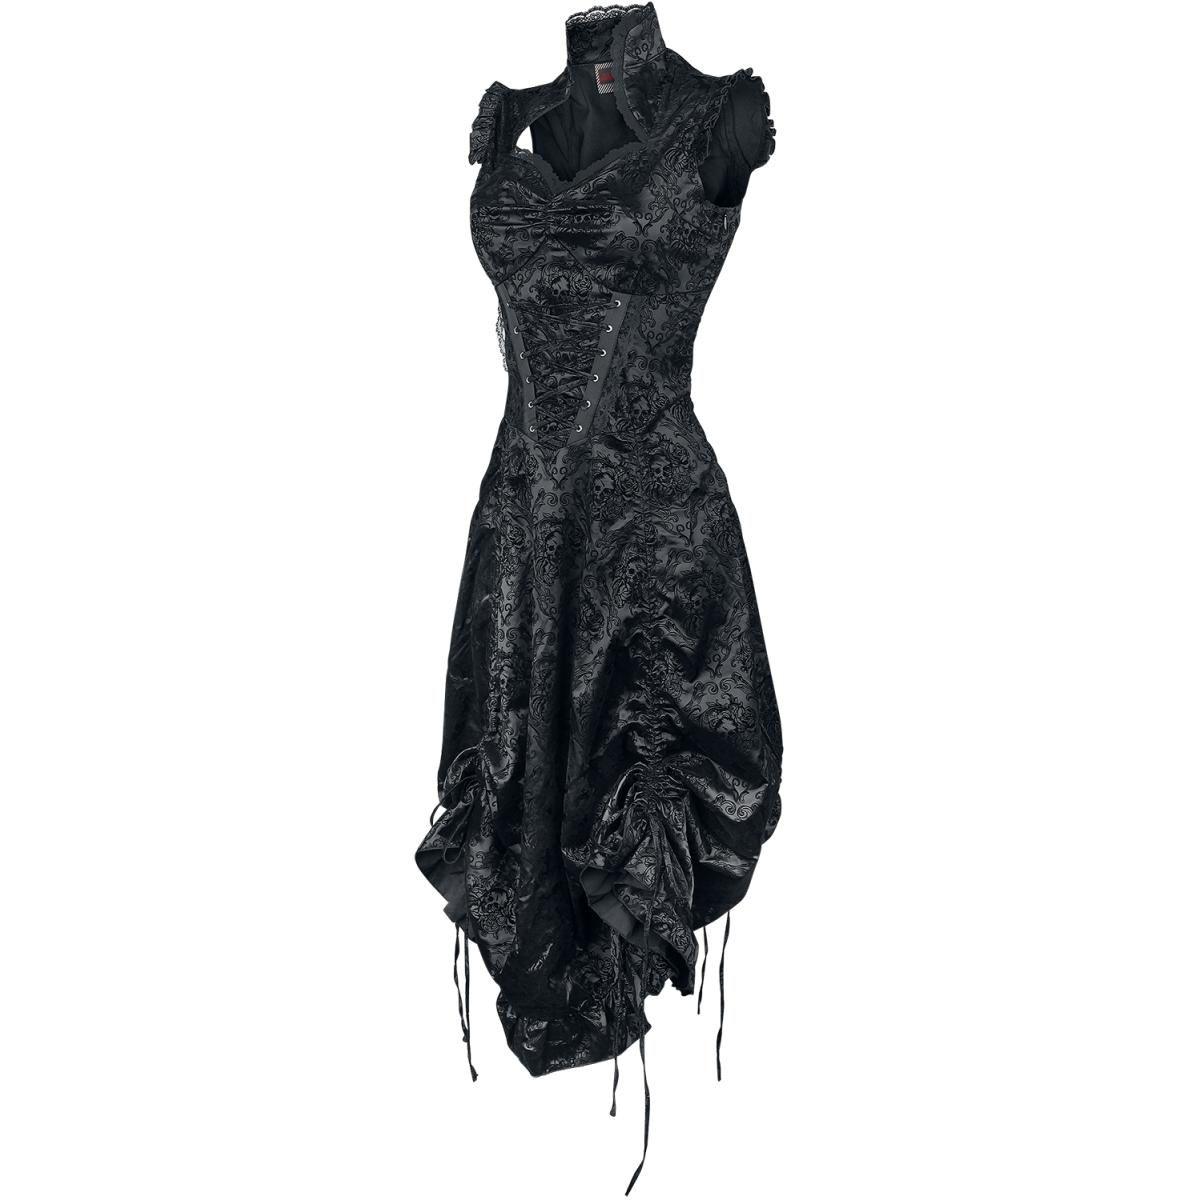 de jurk kan worden geplooid aan de onderkant door banden